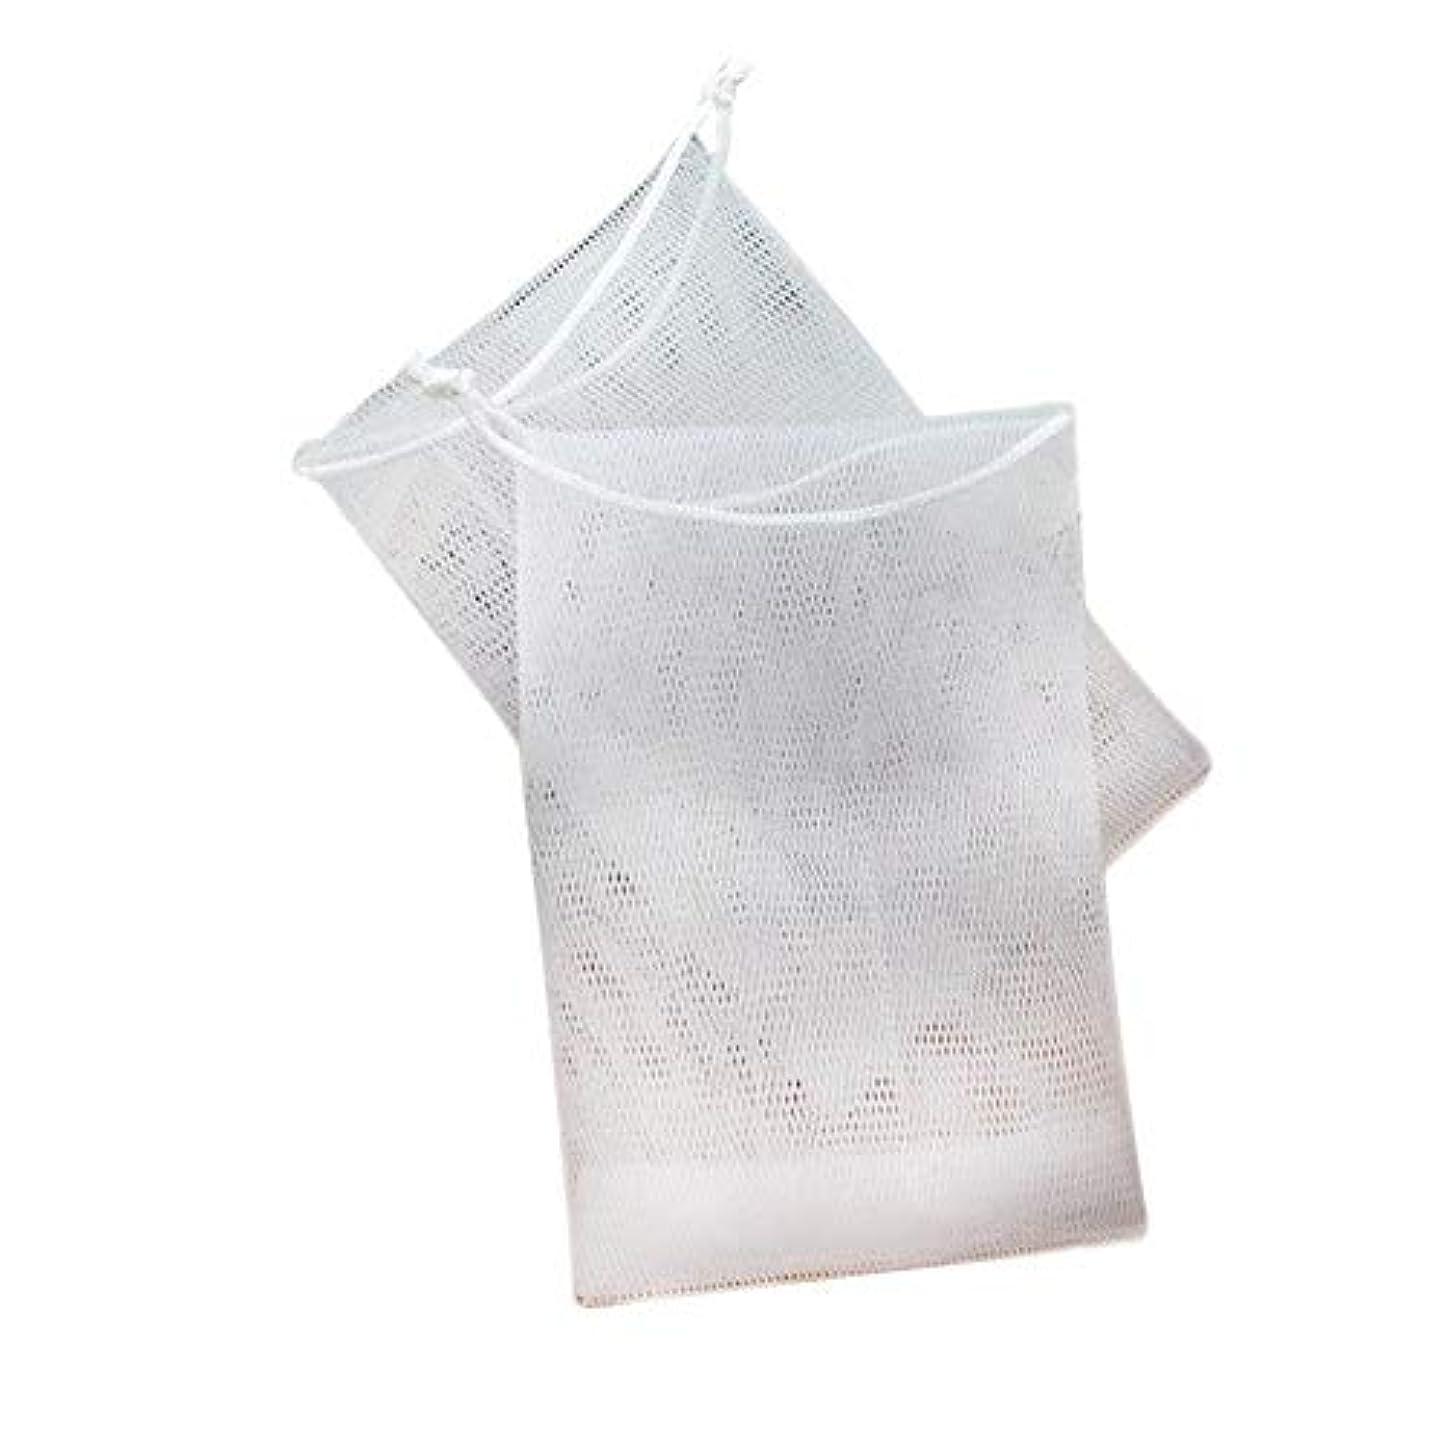 海峡ひも排除する信頼できる石鹸の袋の網のドローストリング袋は ハンドメイドの石鹸の泡泡ネットメーカーのために掛けることができます 12×9cm